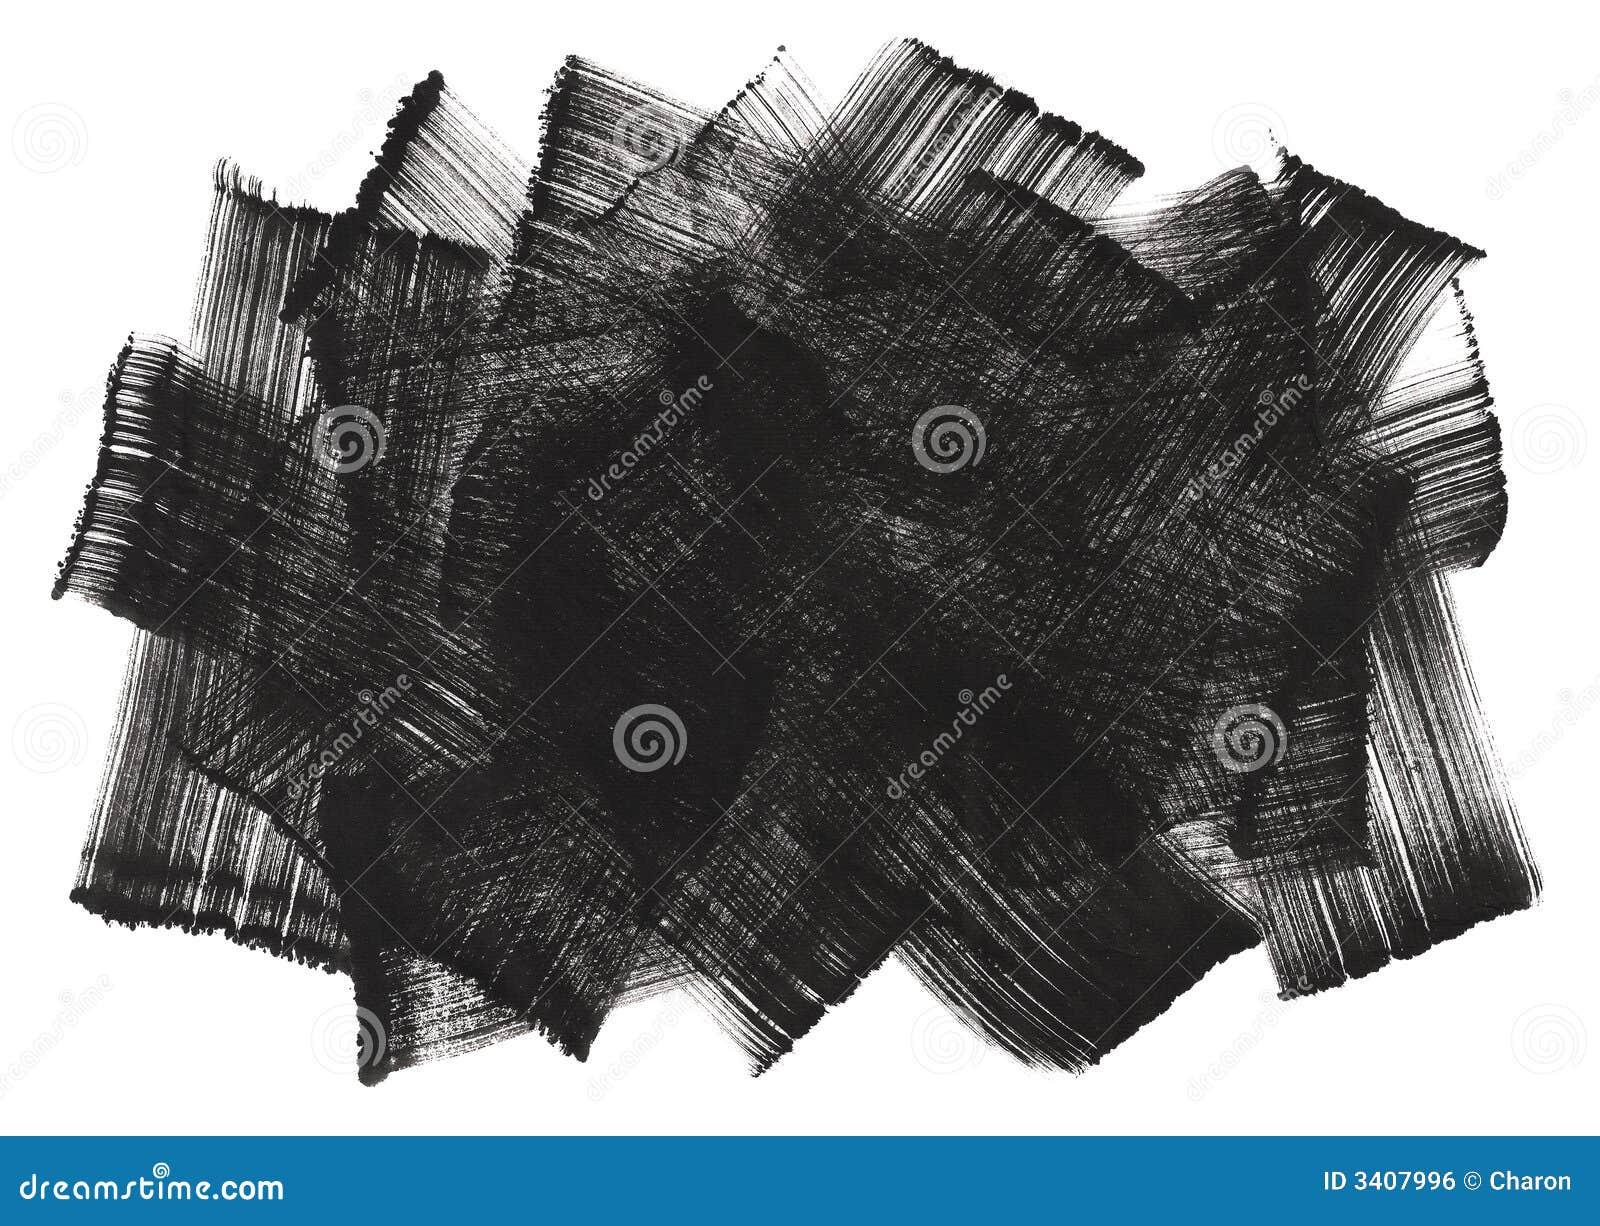 Abstrakcjonistycznej atramentu brushwork obraz sztuki